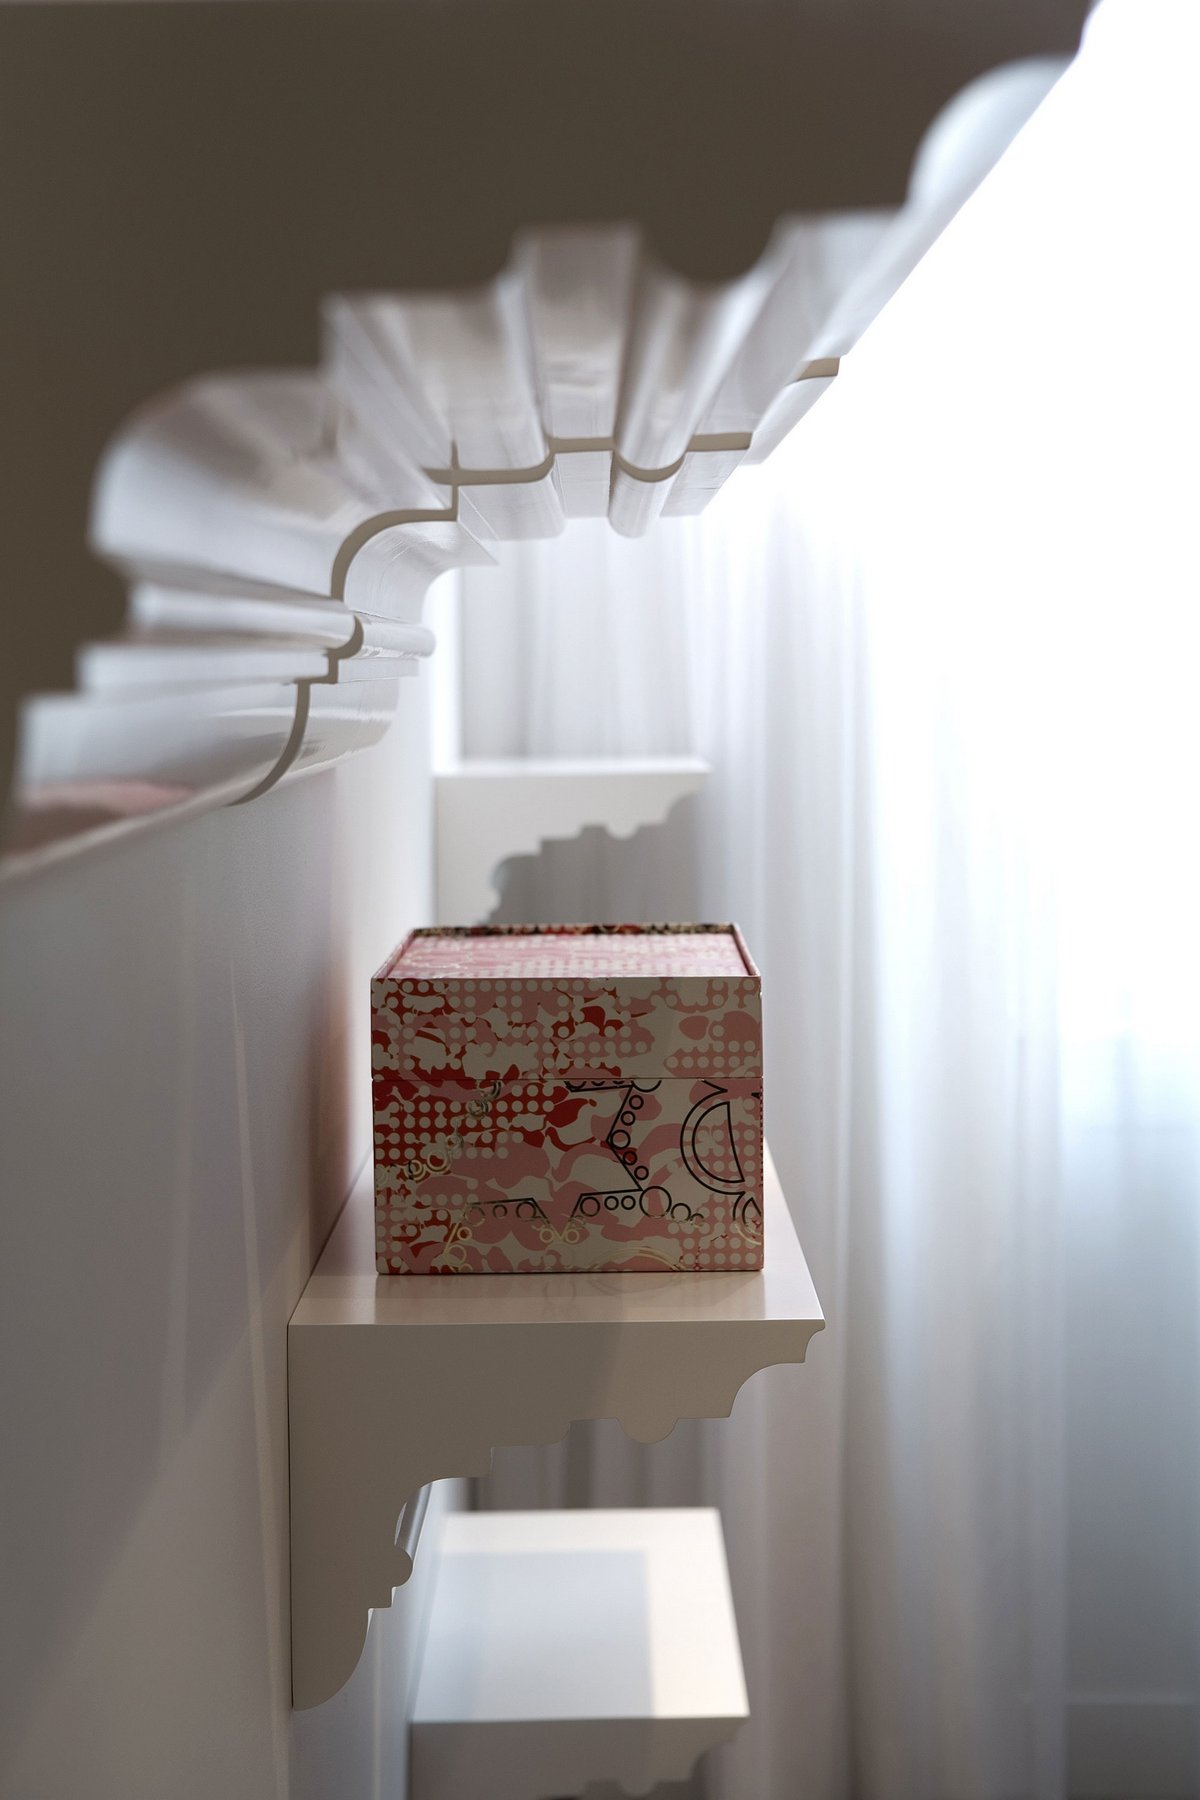 текстура в материалах отделки, Marcel Wanders, квартира в Амстердаме, роскошная квартира фото, королевские апартаменты в Нидерландах, дизайн квартиры